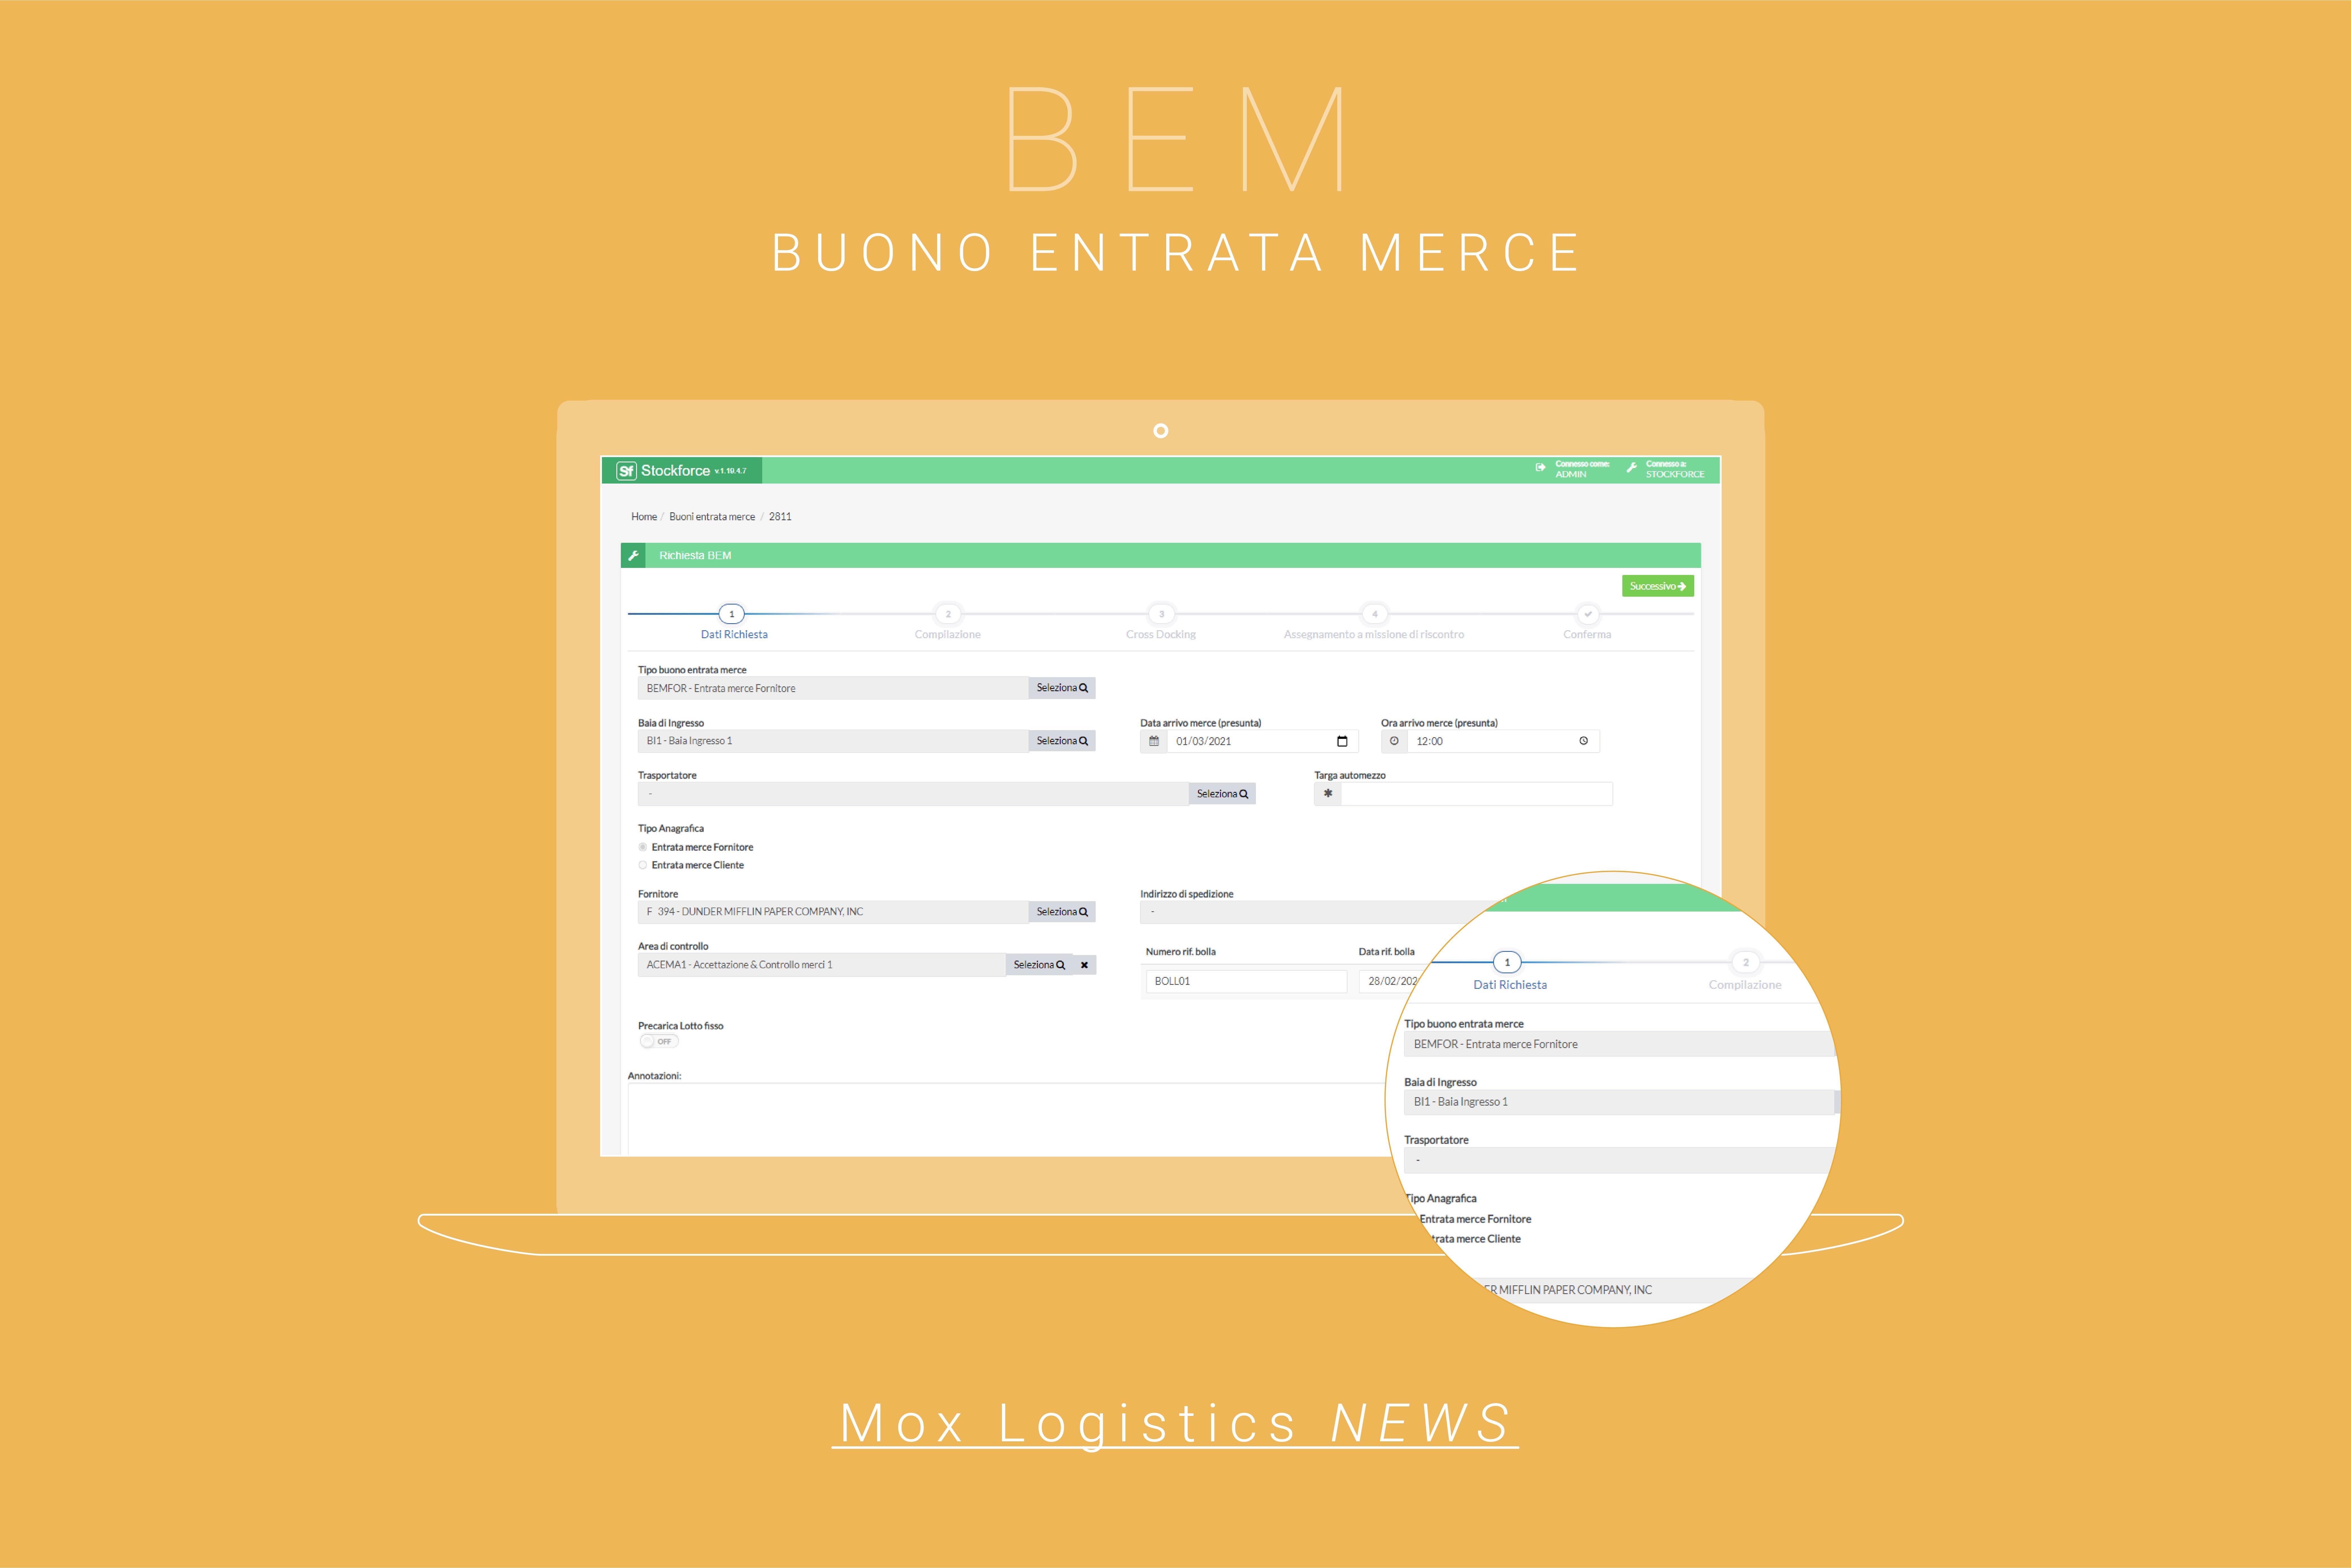 Buono Entrata Merce (BEM): Il valore aggiunto di un buon WMS